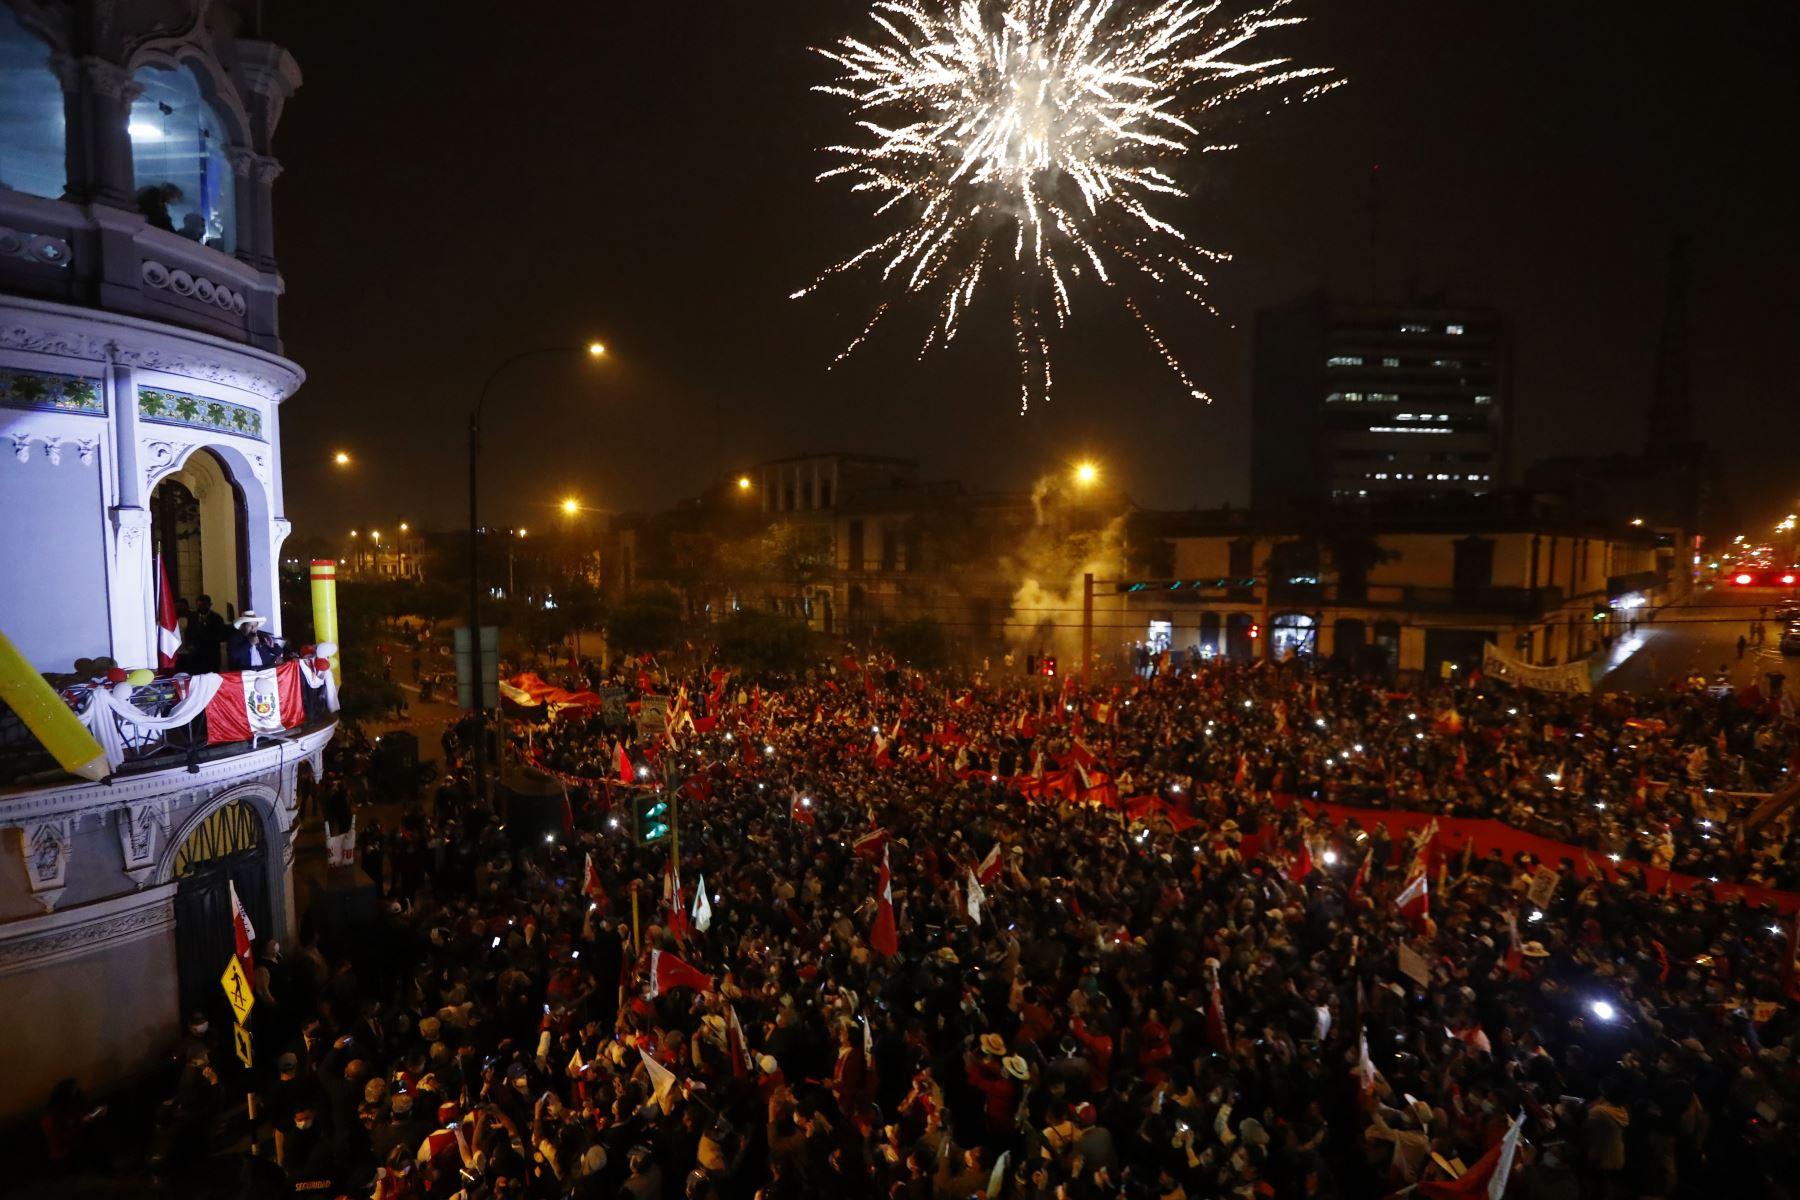 Pronunciamiento  del candidato  Pedro Castillo en el local del  partido  Perú Libre en Lima.  Foto: ANDINA/Renato Pajuelo